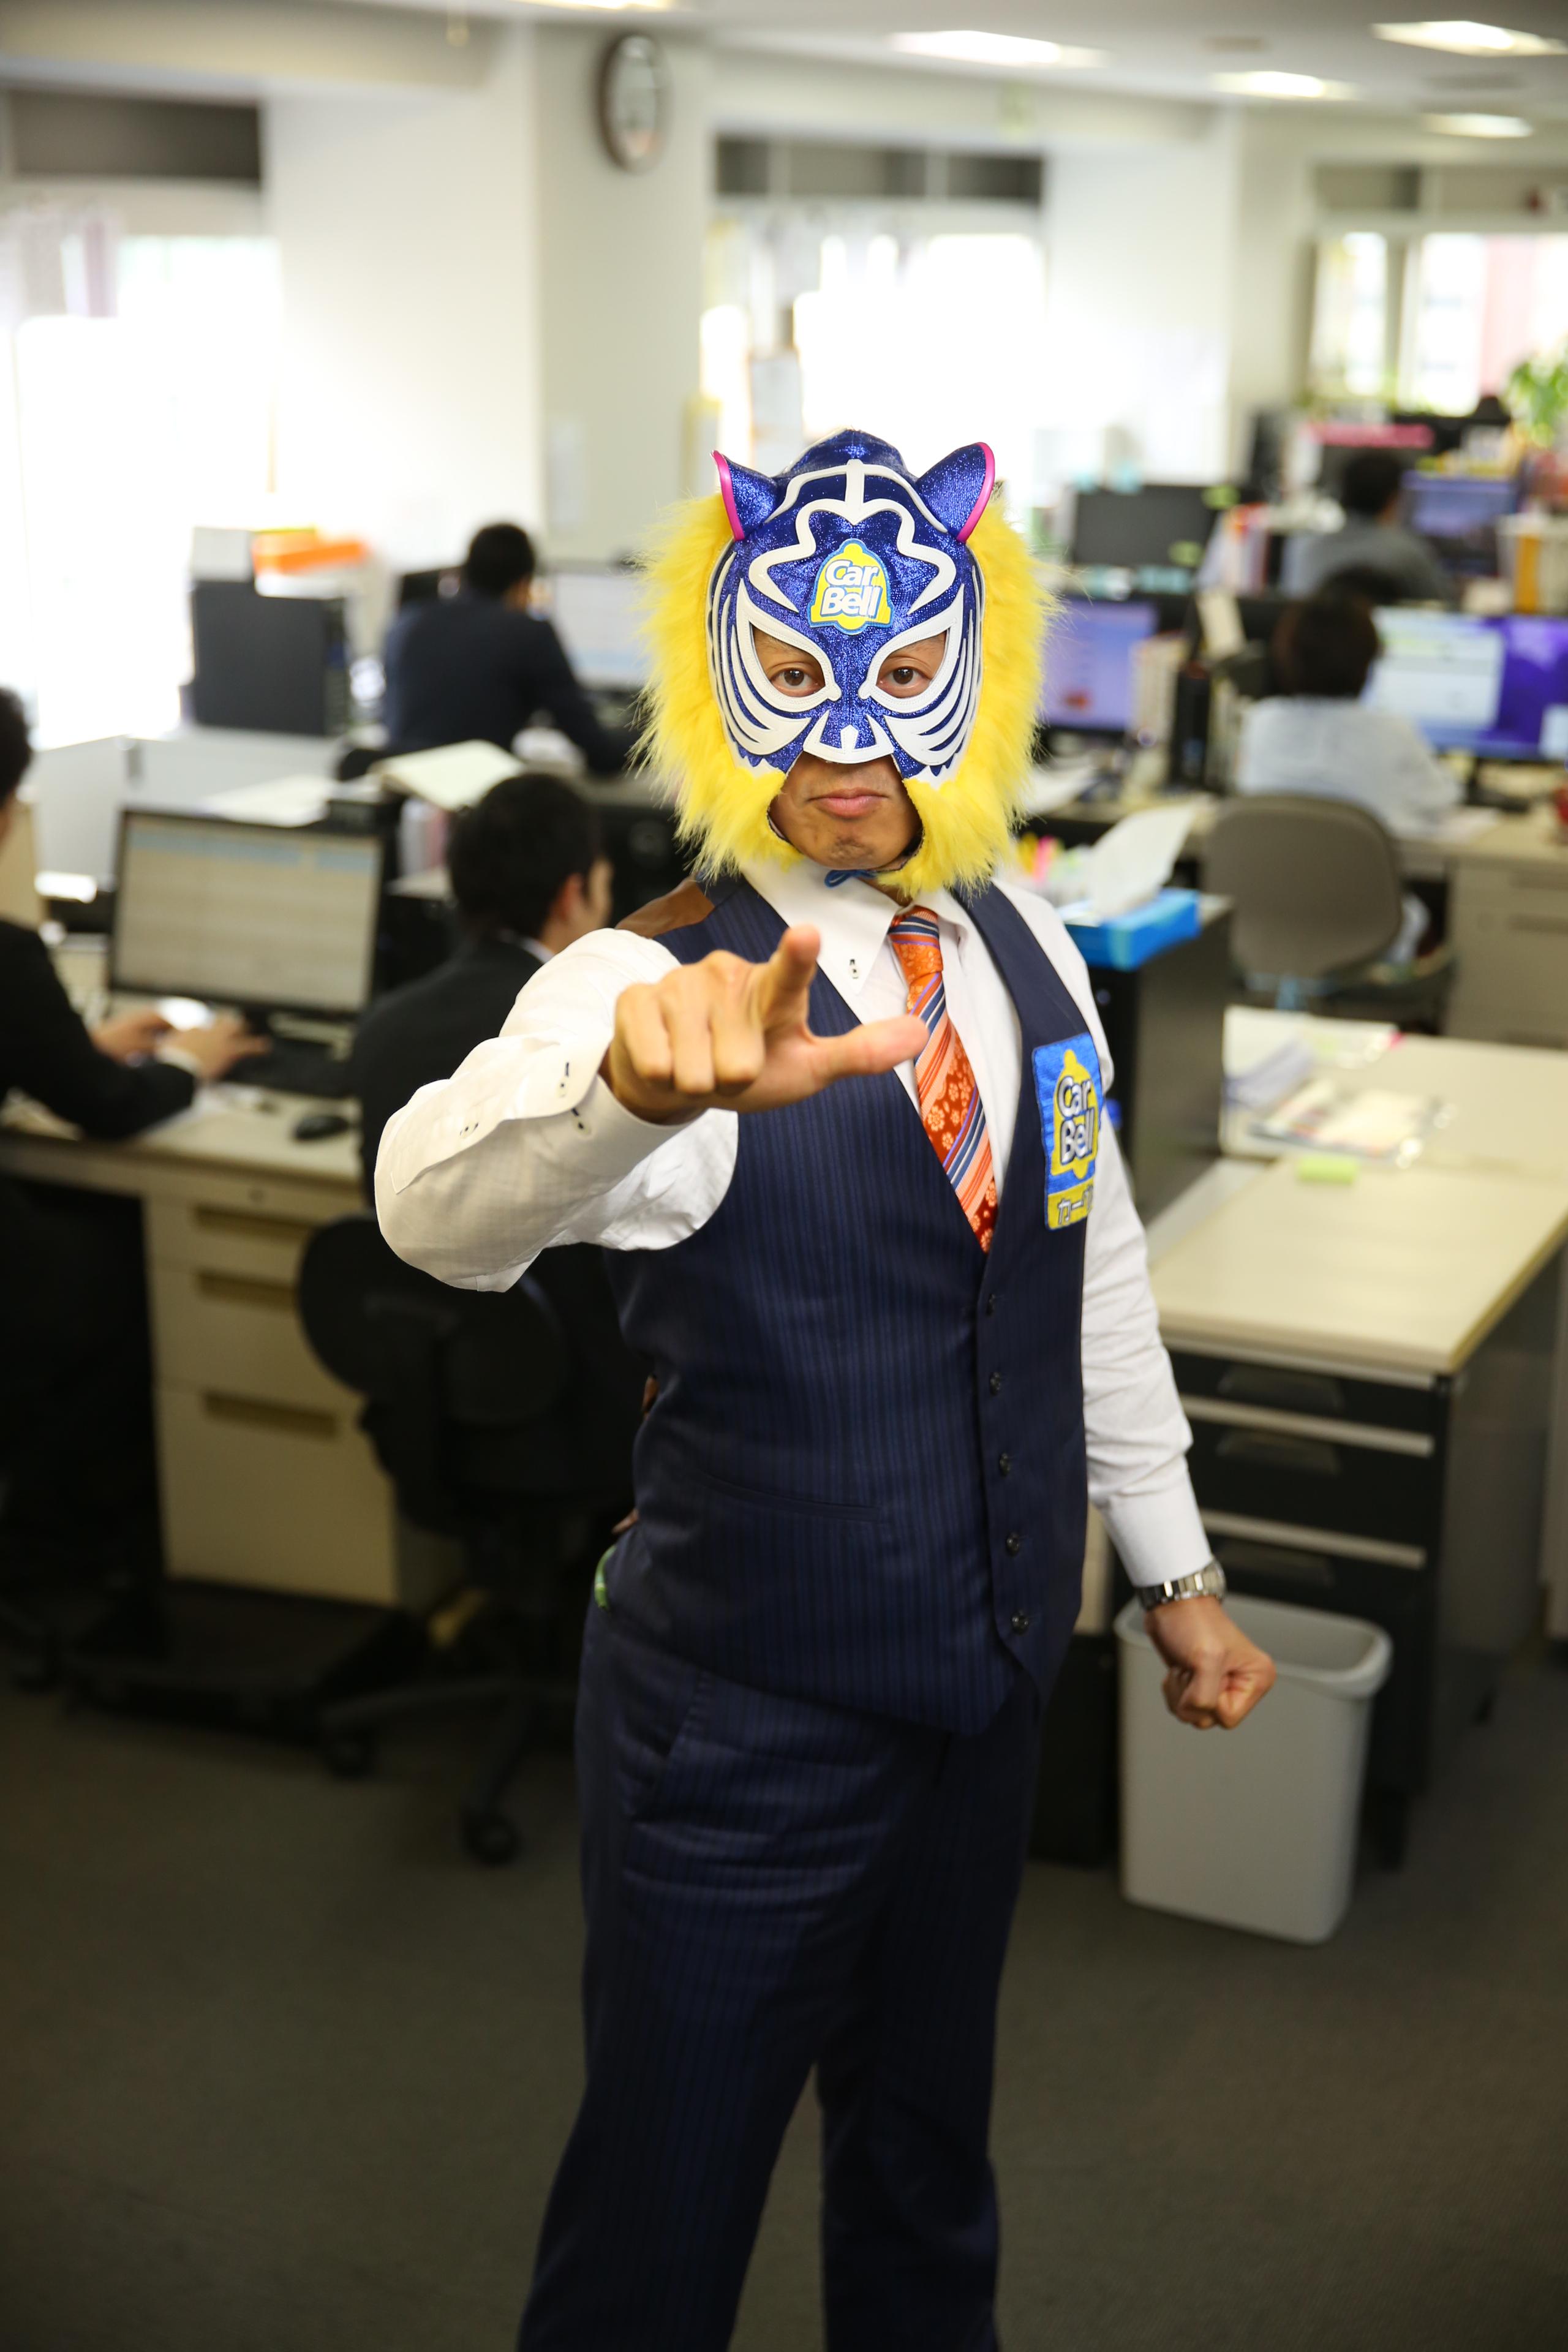 【全日本プロレス】「豆腐プロレス」コラボで話題のカーベル伊藤社長が、全日本プロレス7.9「千葉 EXTRA DREAM 16」にレスラーとして参戦